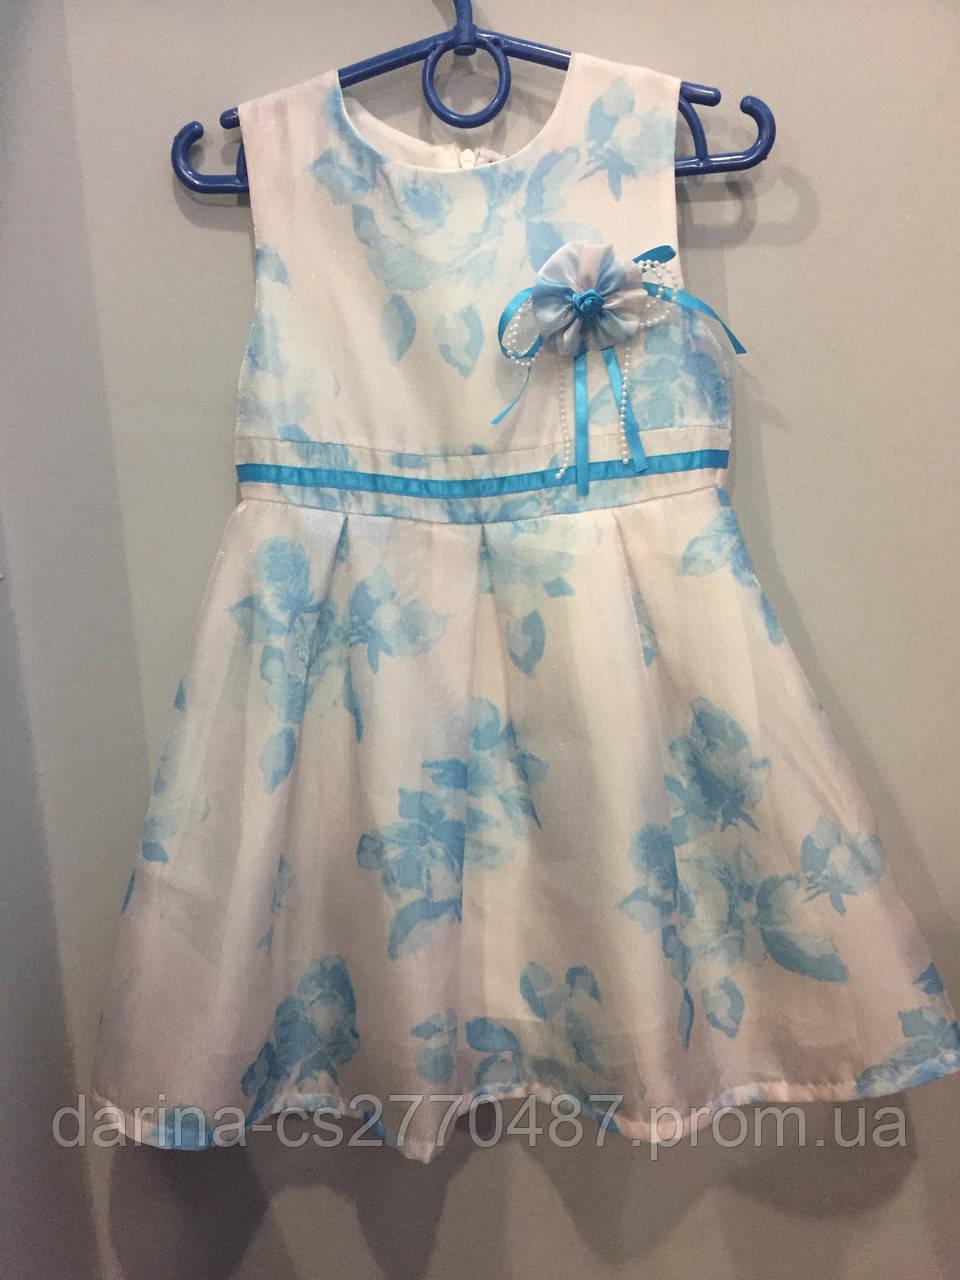 Нарядное платье для девочки 4/5 л